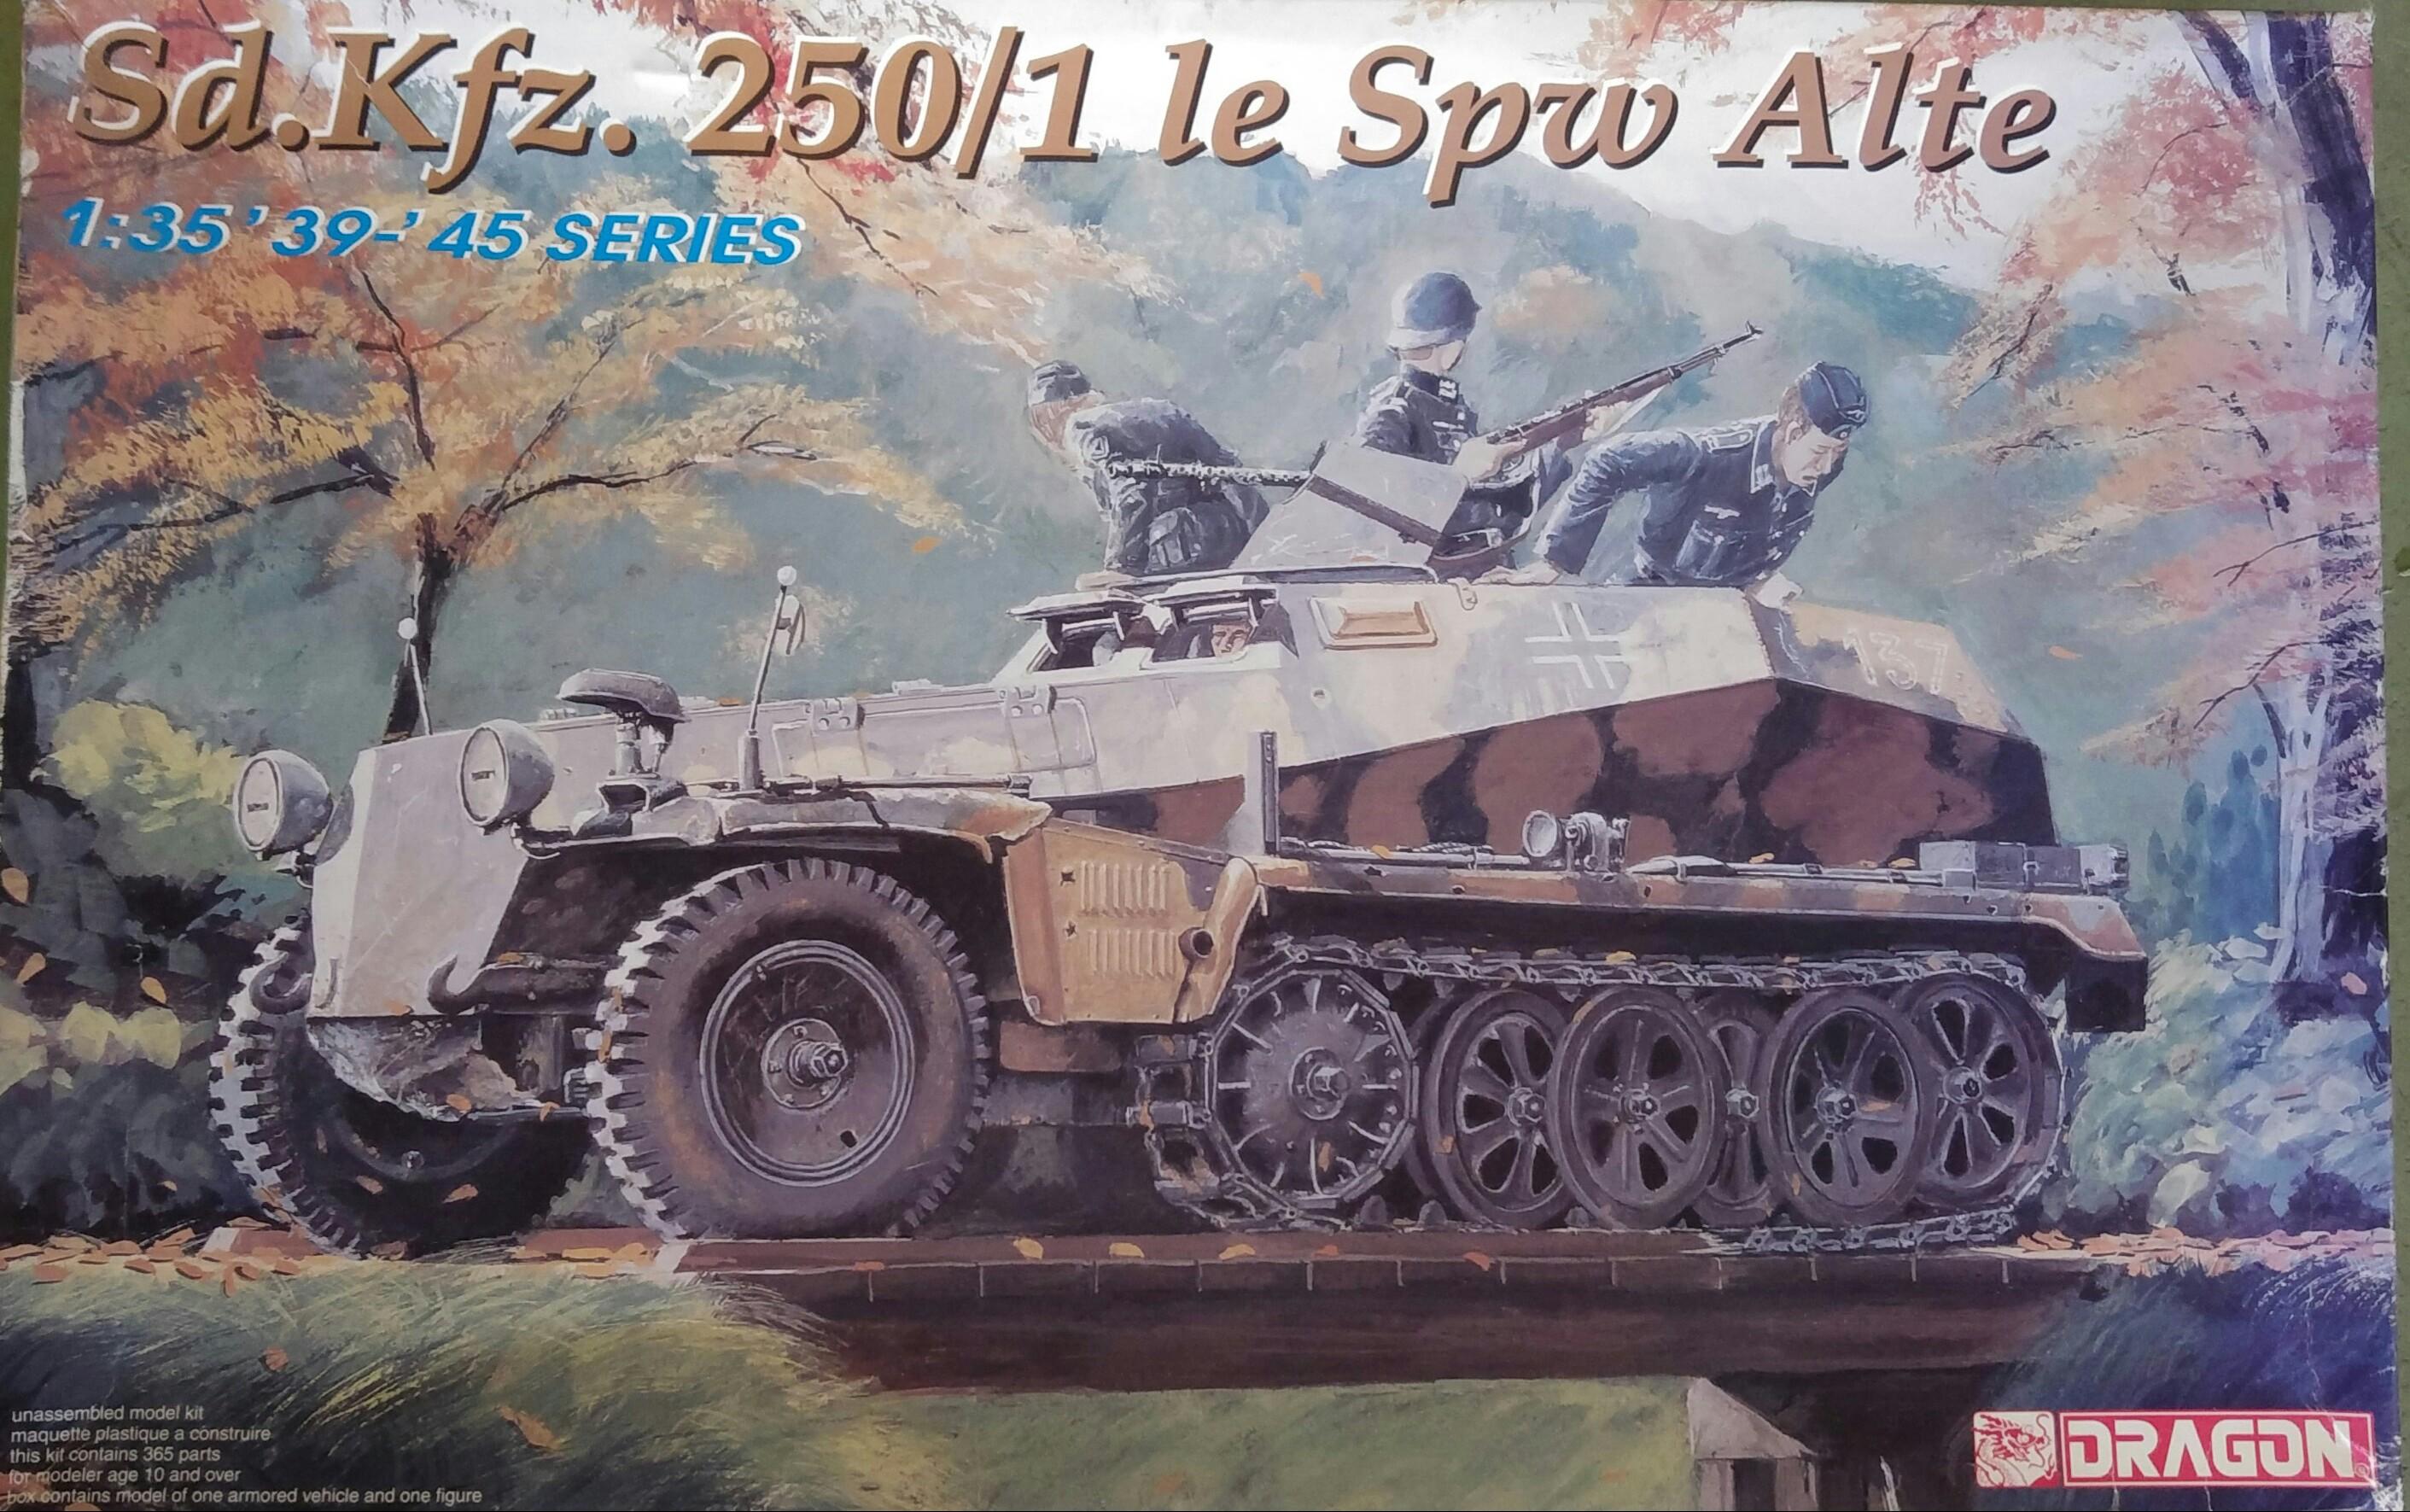 Dragon no. 6117 Sd.Kfz.250/1 le SpW Alte